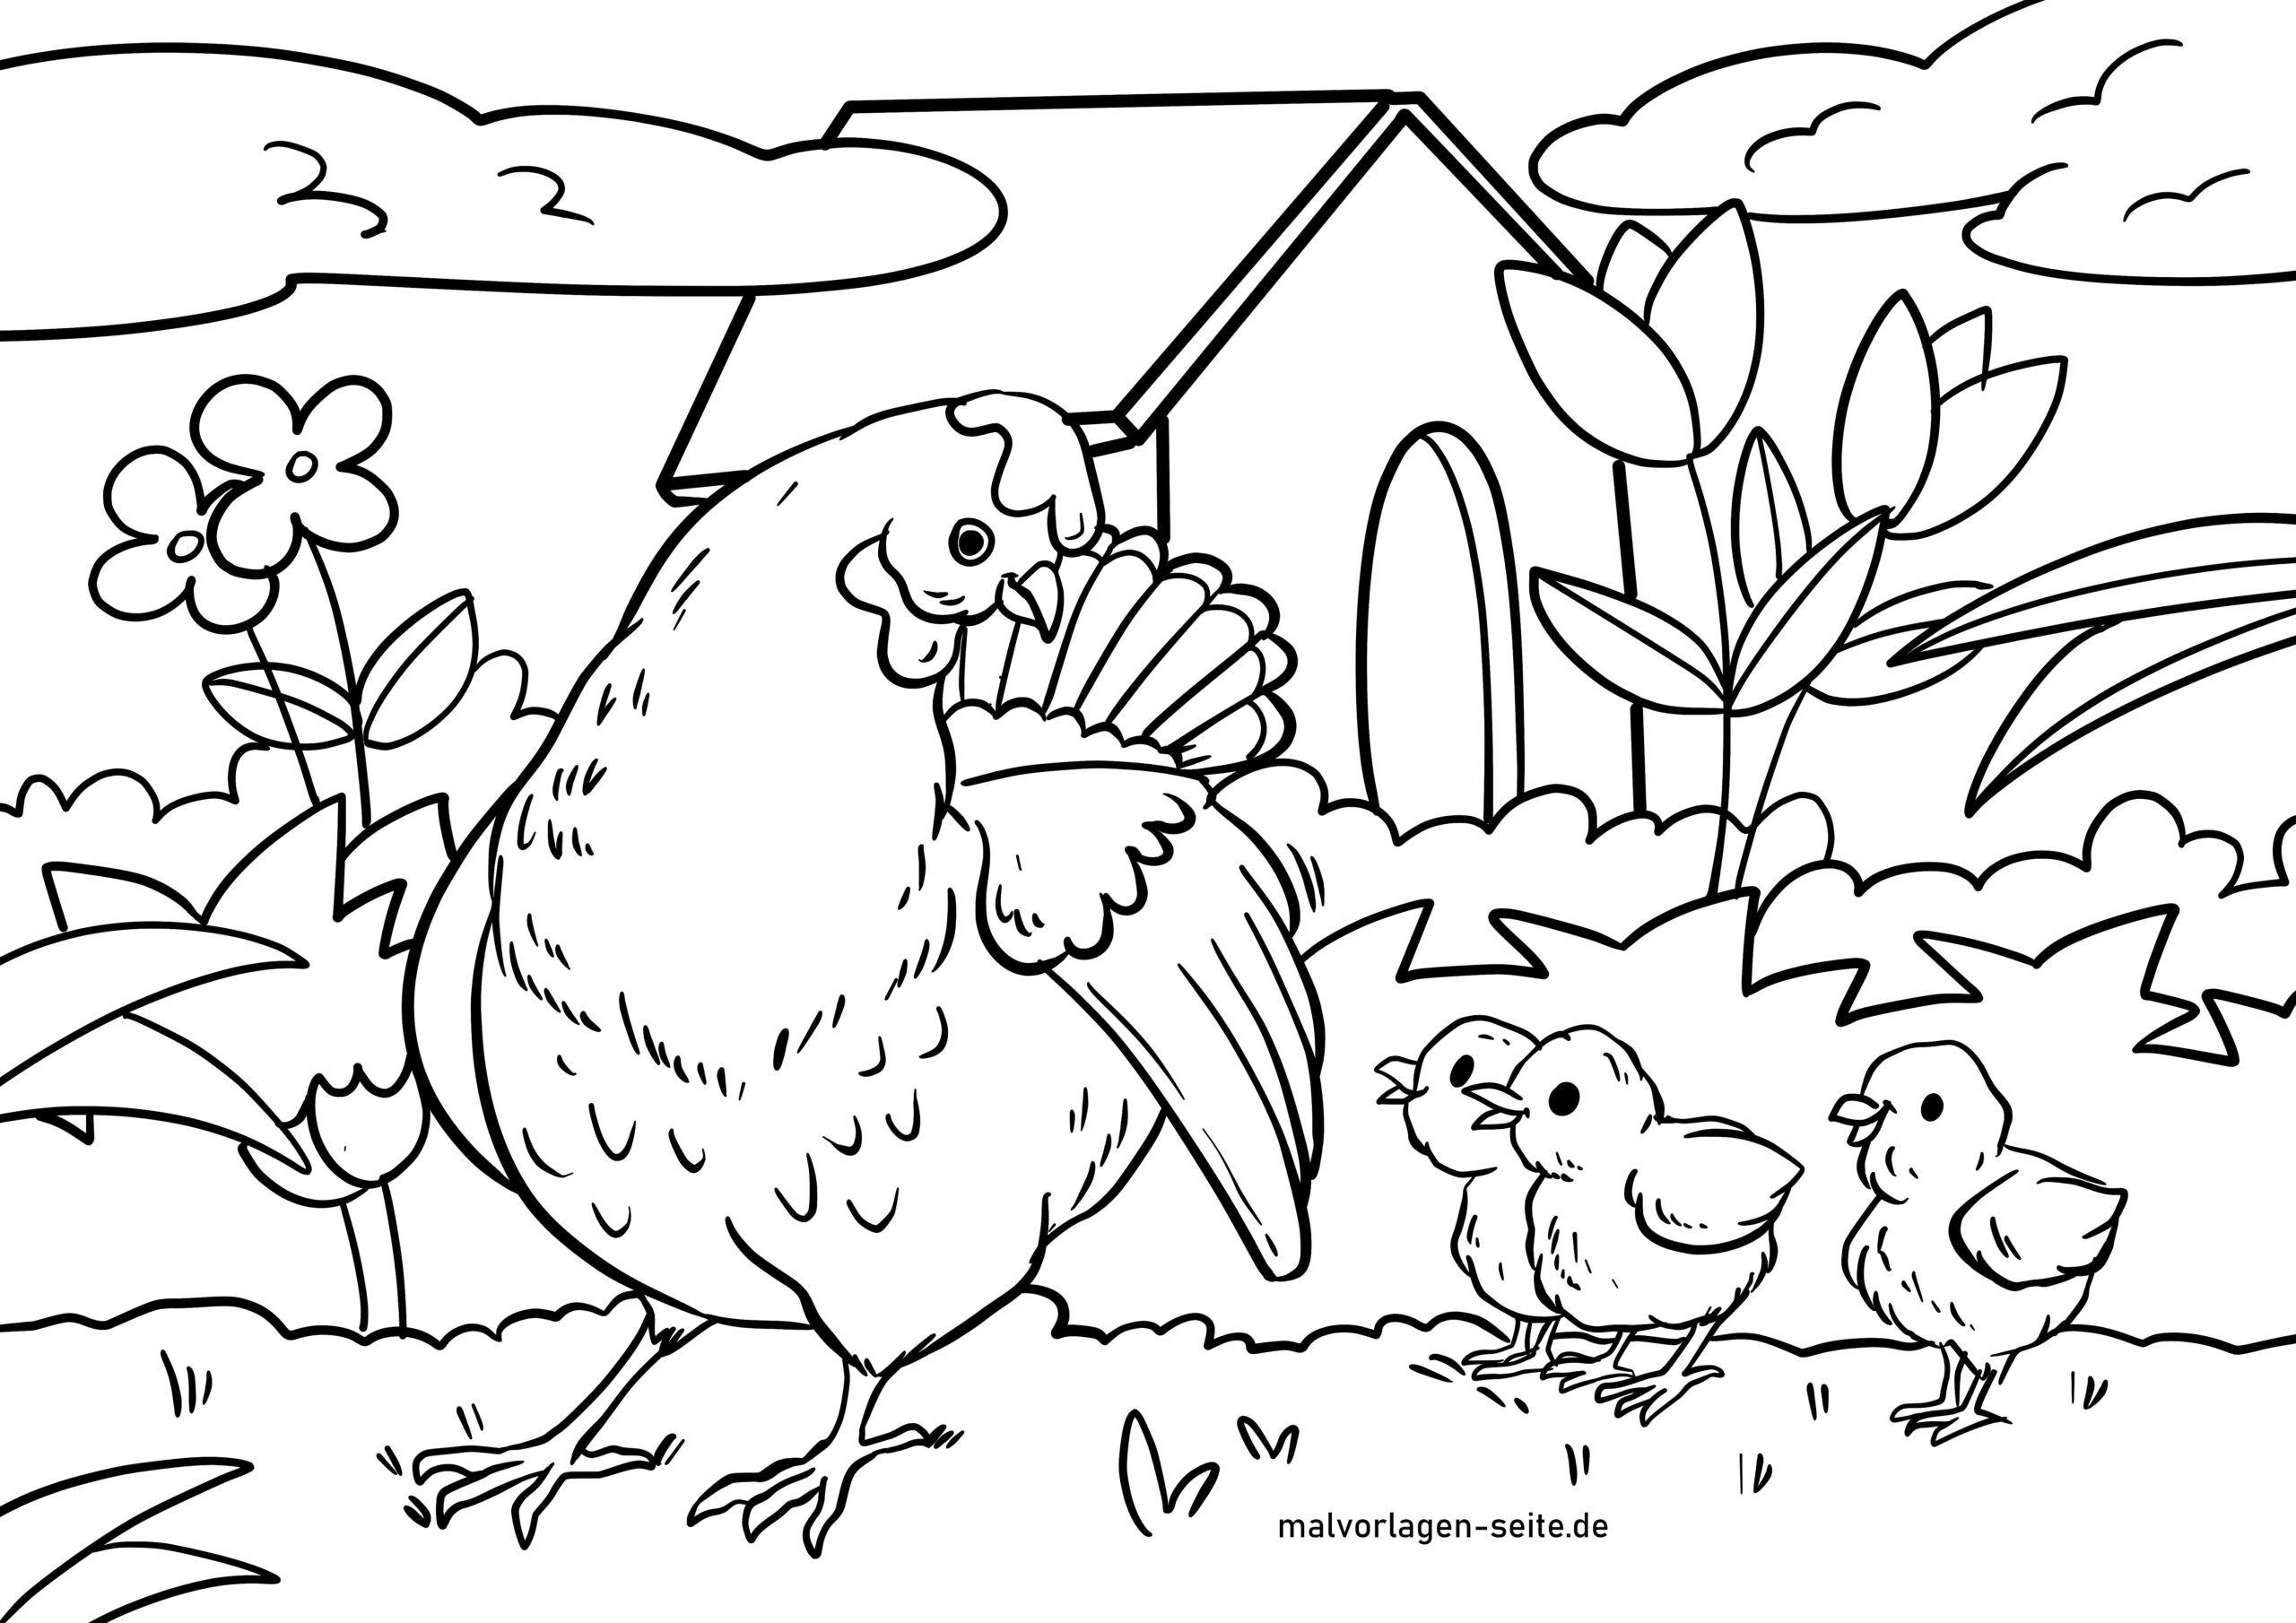 Tolle Malvorlage Henne Mit Küken - Hühner - Kostenlose Ausmalbilder